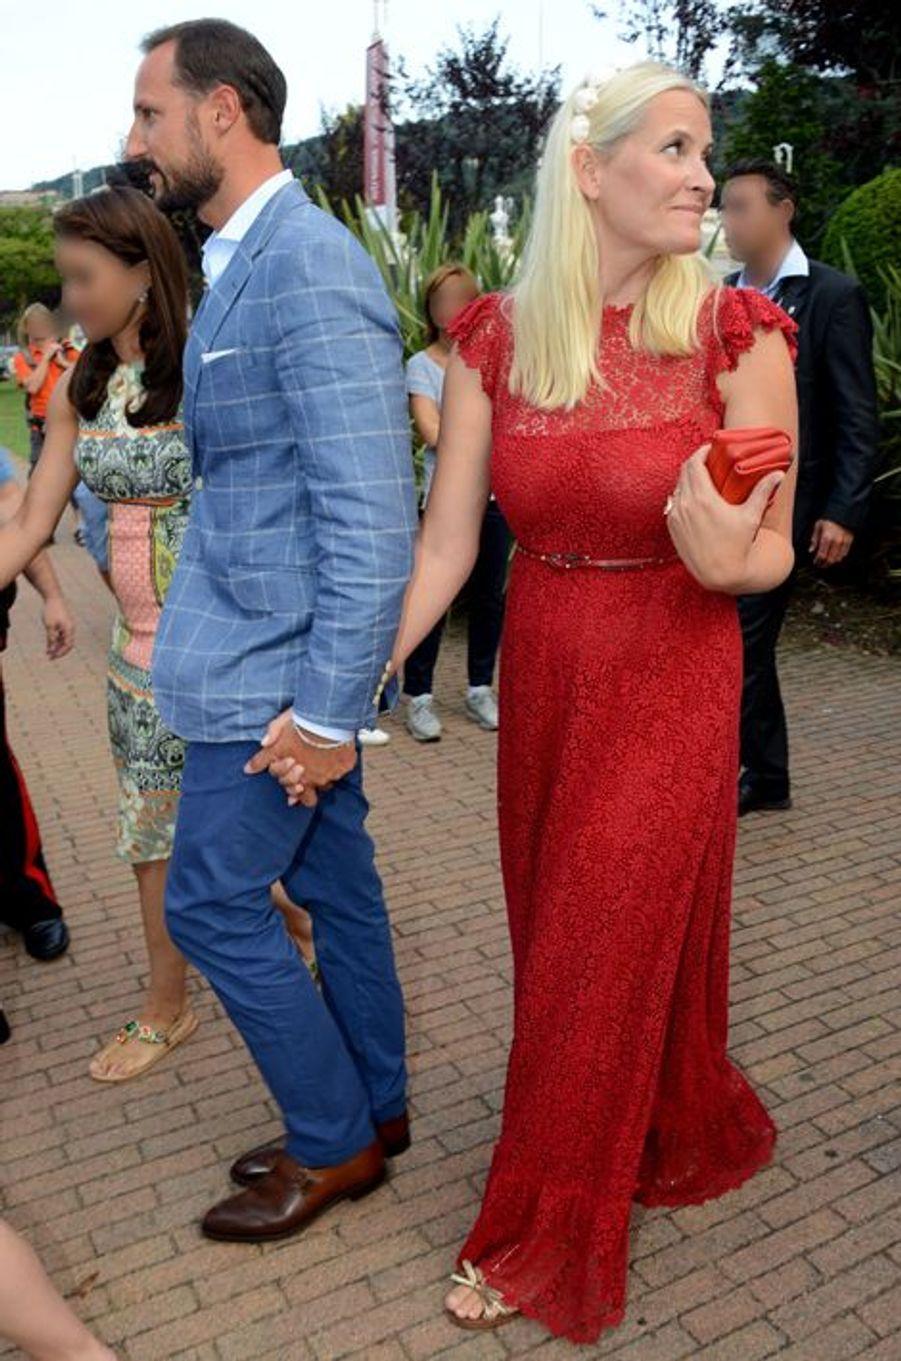 La princesse Mette-Marit et le prince Haakon de Norvège à Stresa, le 31 juillet 2015